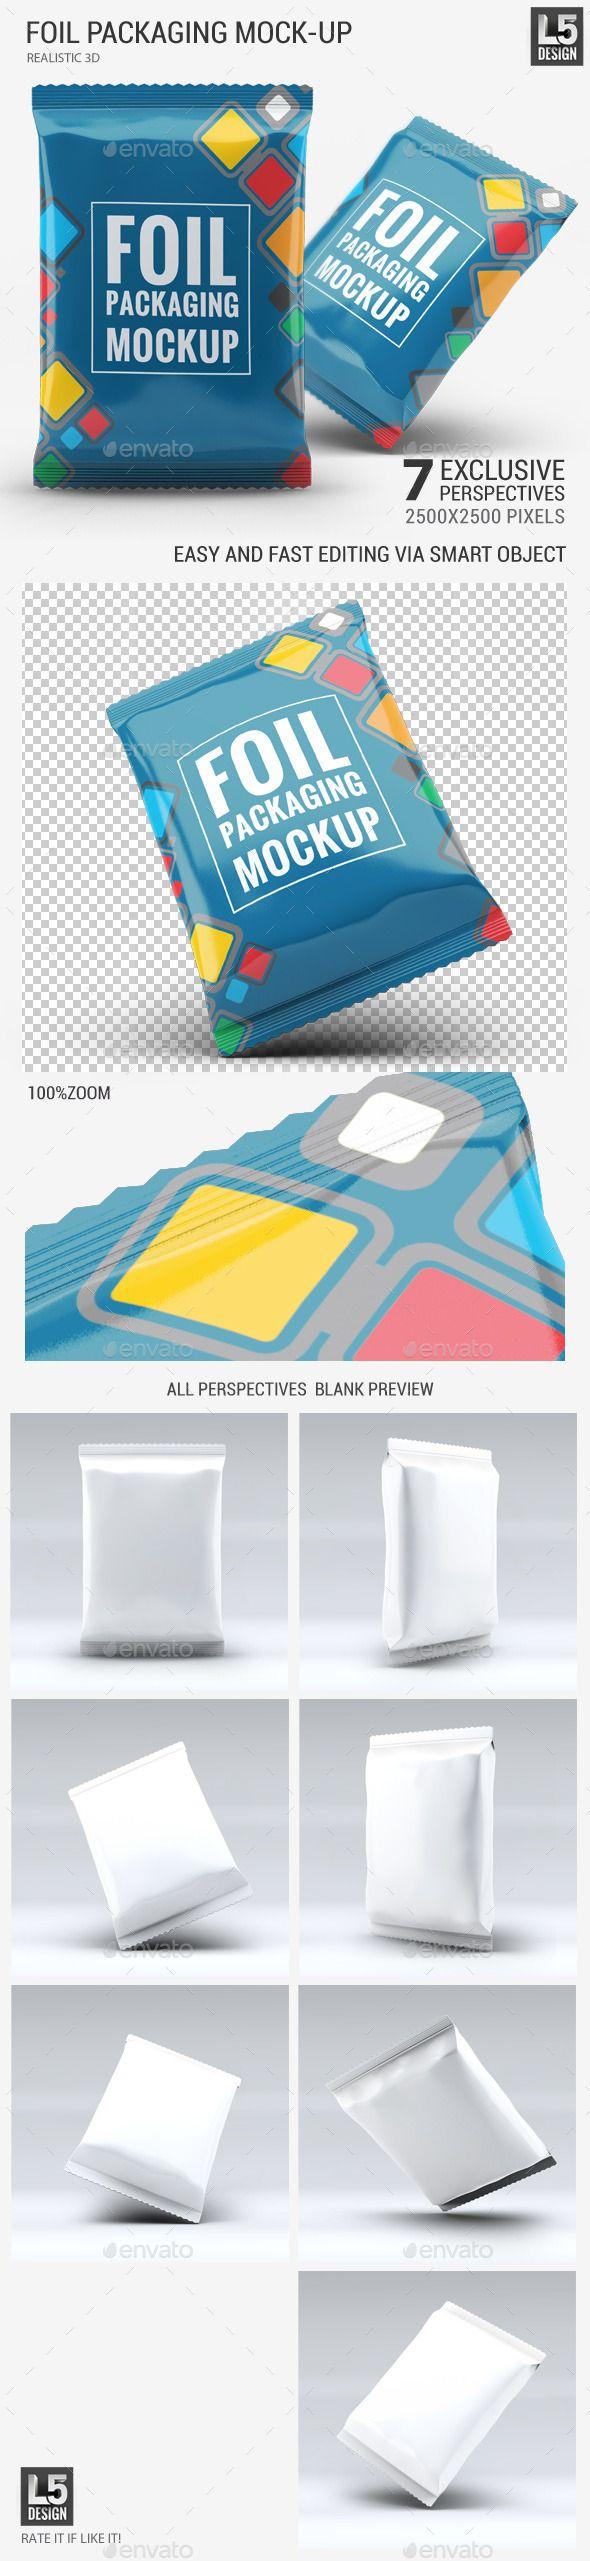 Download Foil Packaging Mock Up Packaging Mockup Graphic Design Mockup Mockup Design